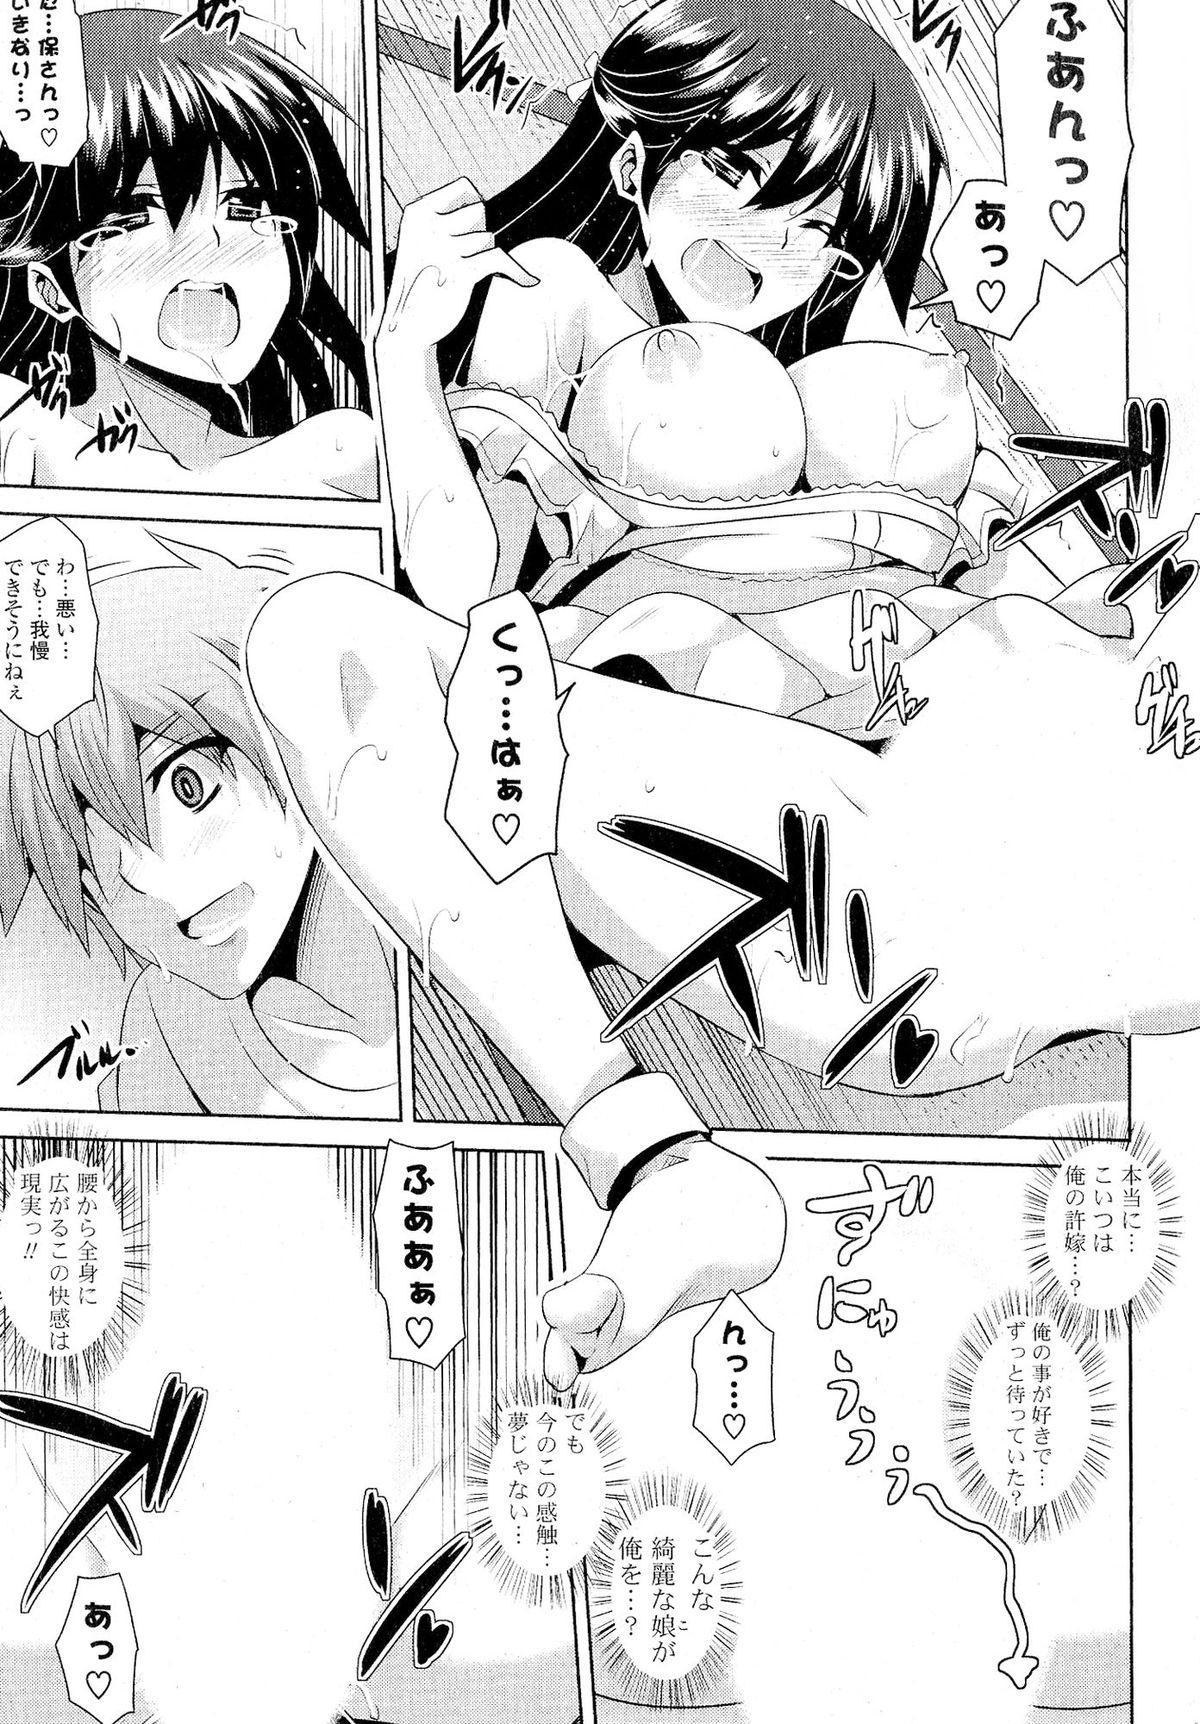 Doki ga Mune Mune Chichimusume 342